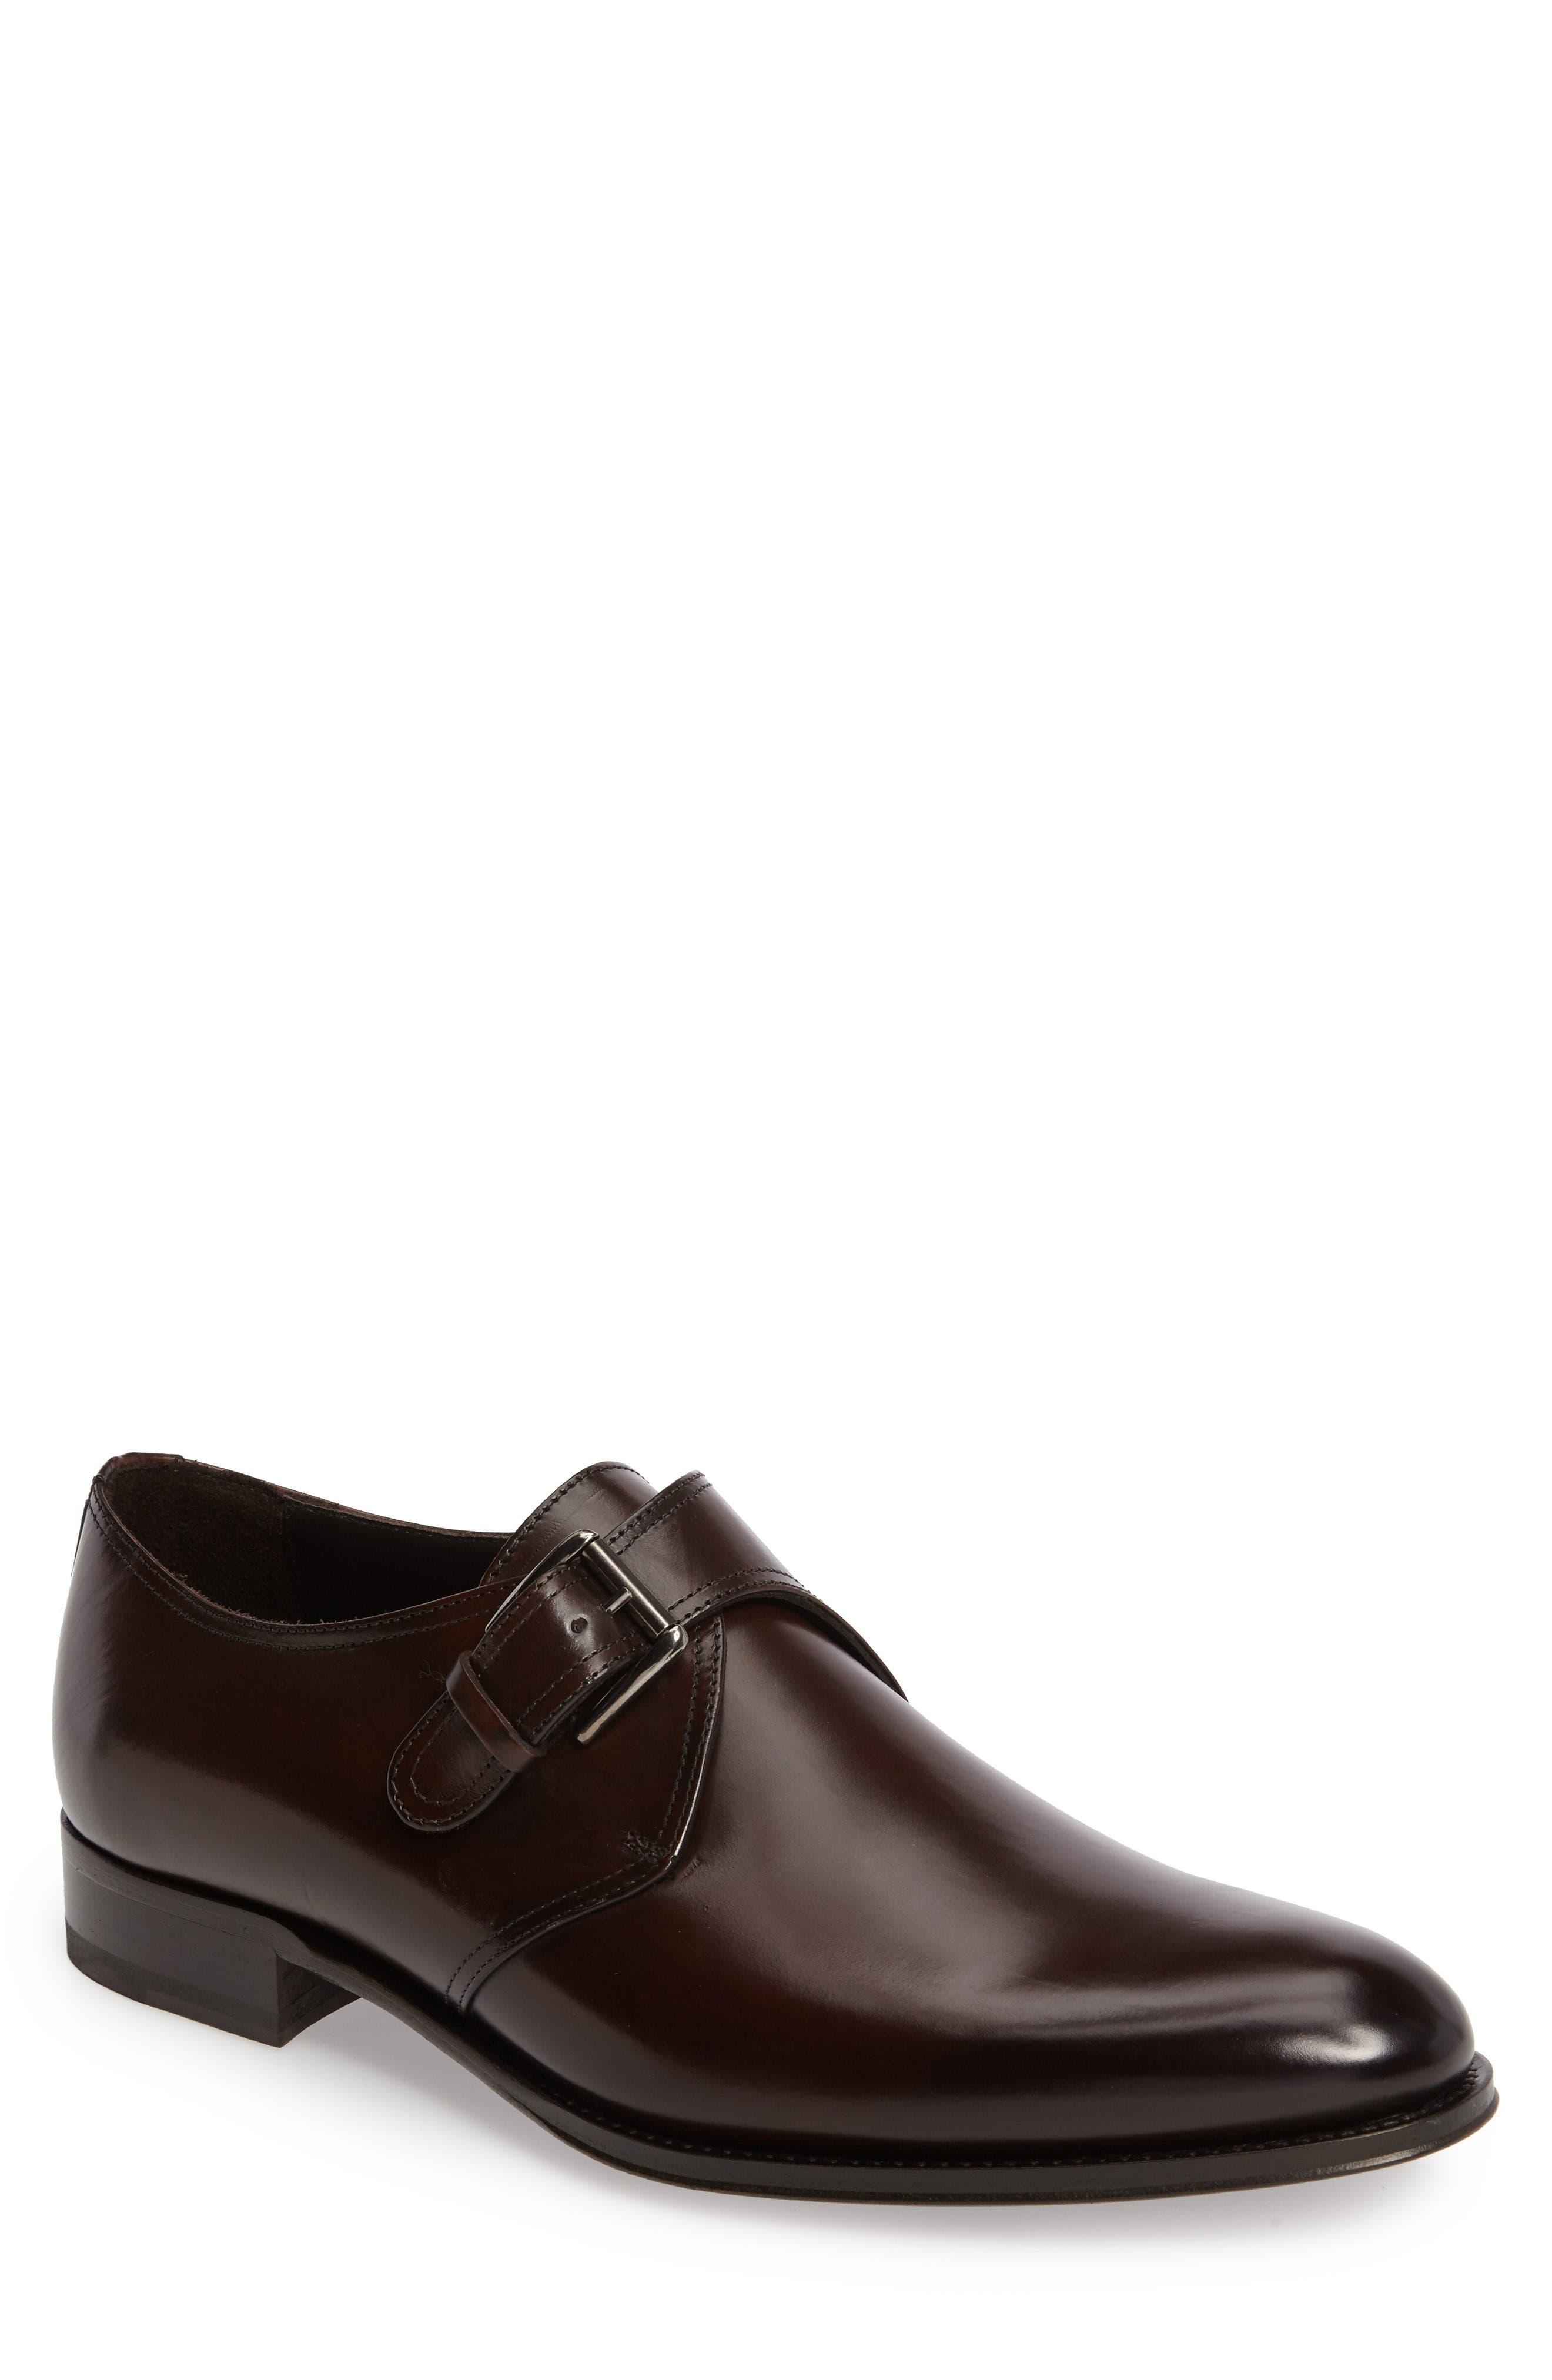 Alternate Image 1 Selected - To Boot New York Emmett Monk Strap Shoe (Men)